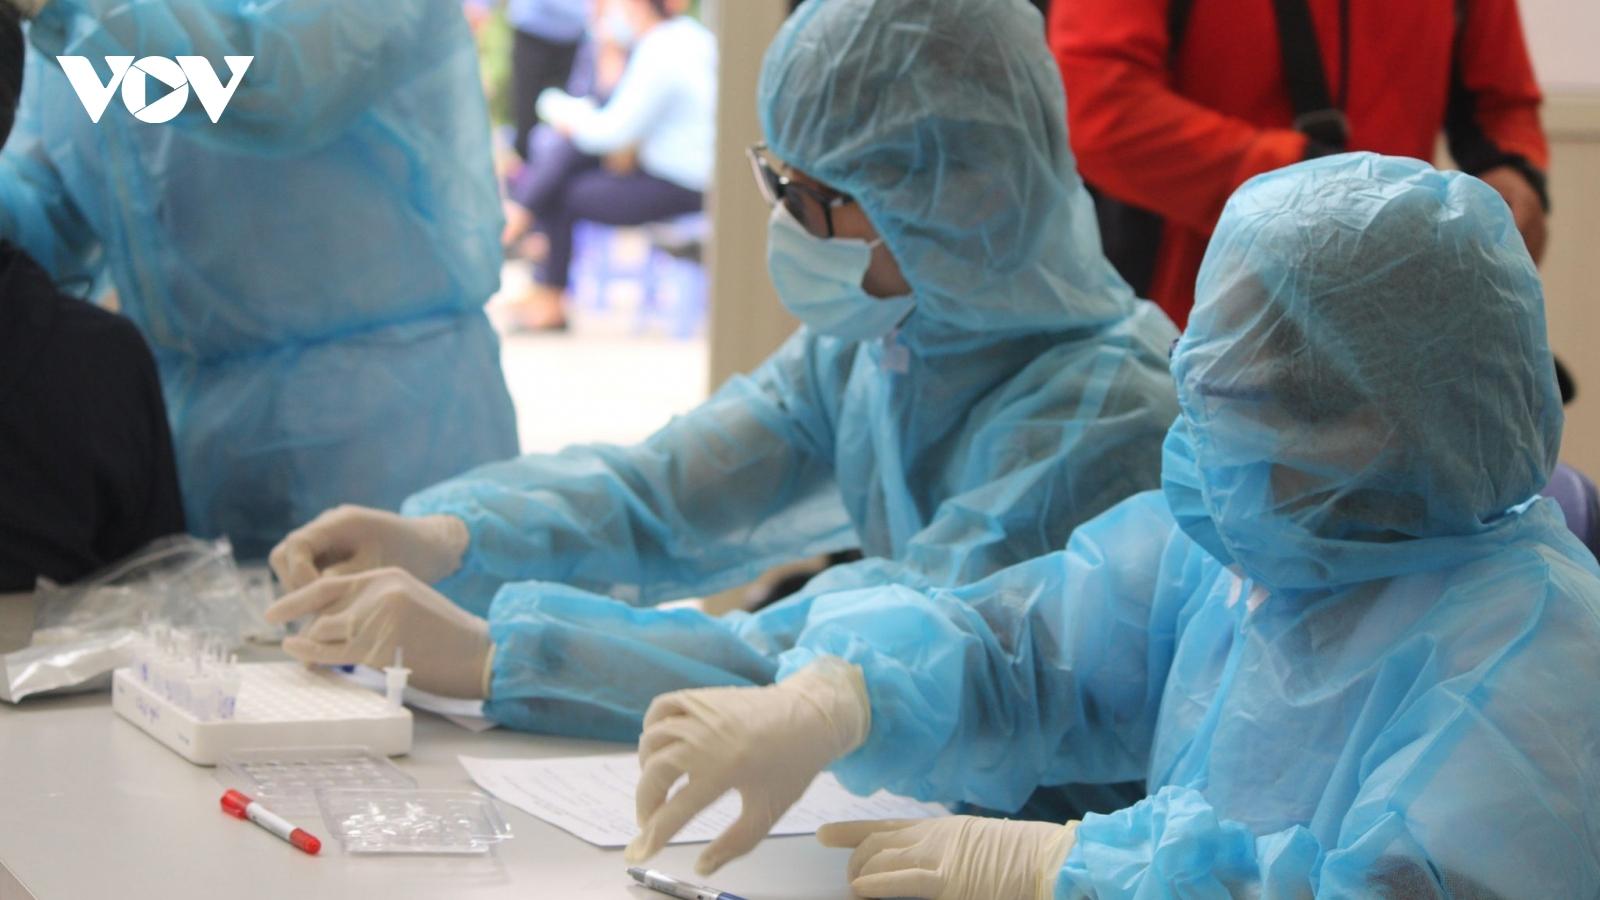 Thêm 2 người liên quan Bệnh viện K dương tính với SARS-CoV-2, 1 người bị ung thư